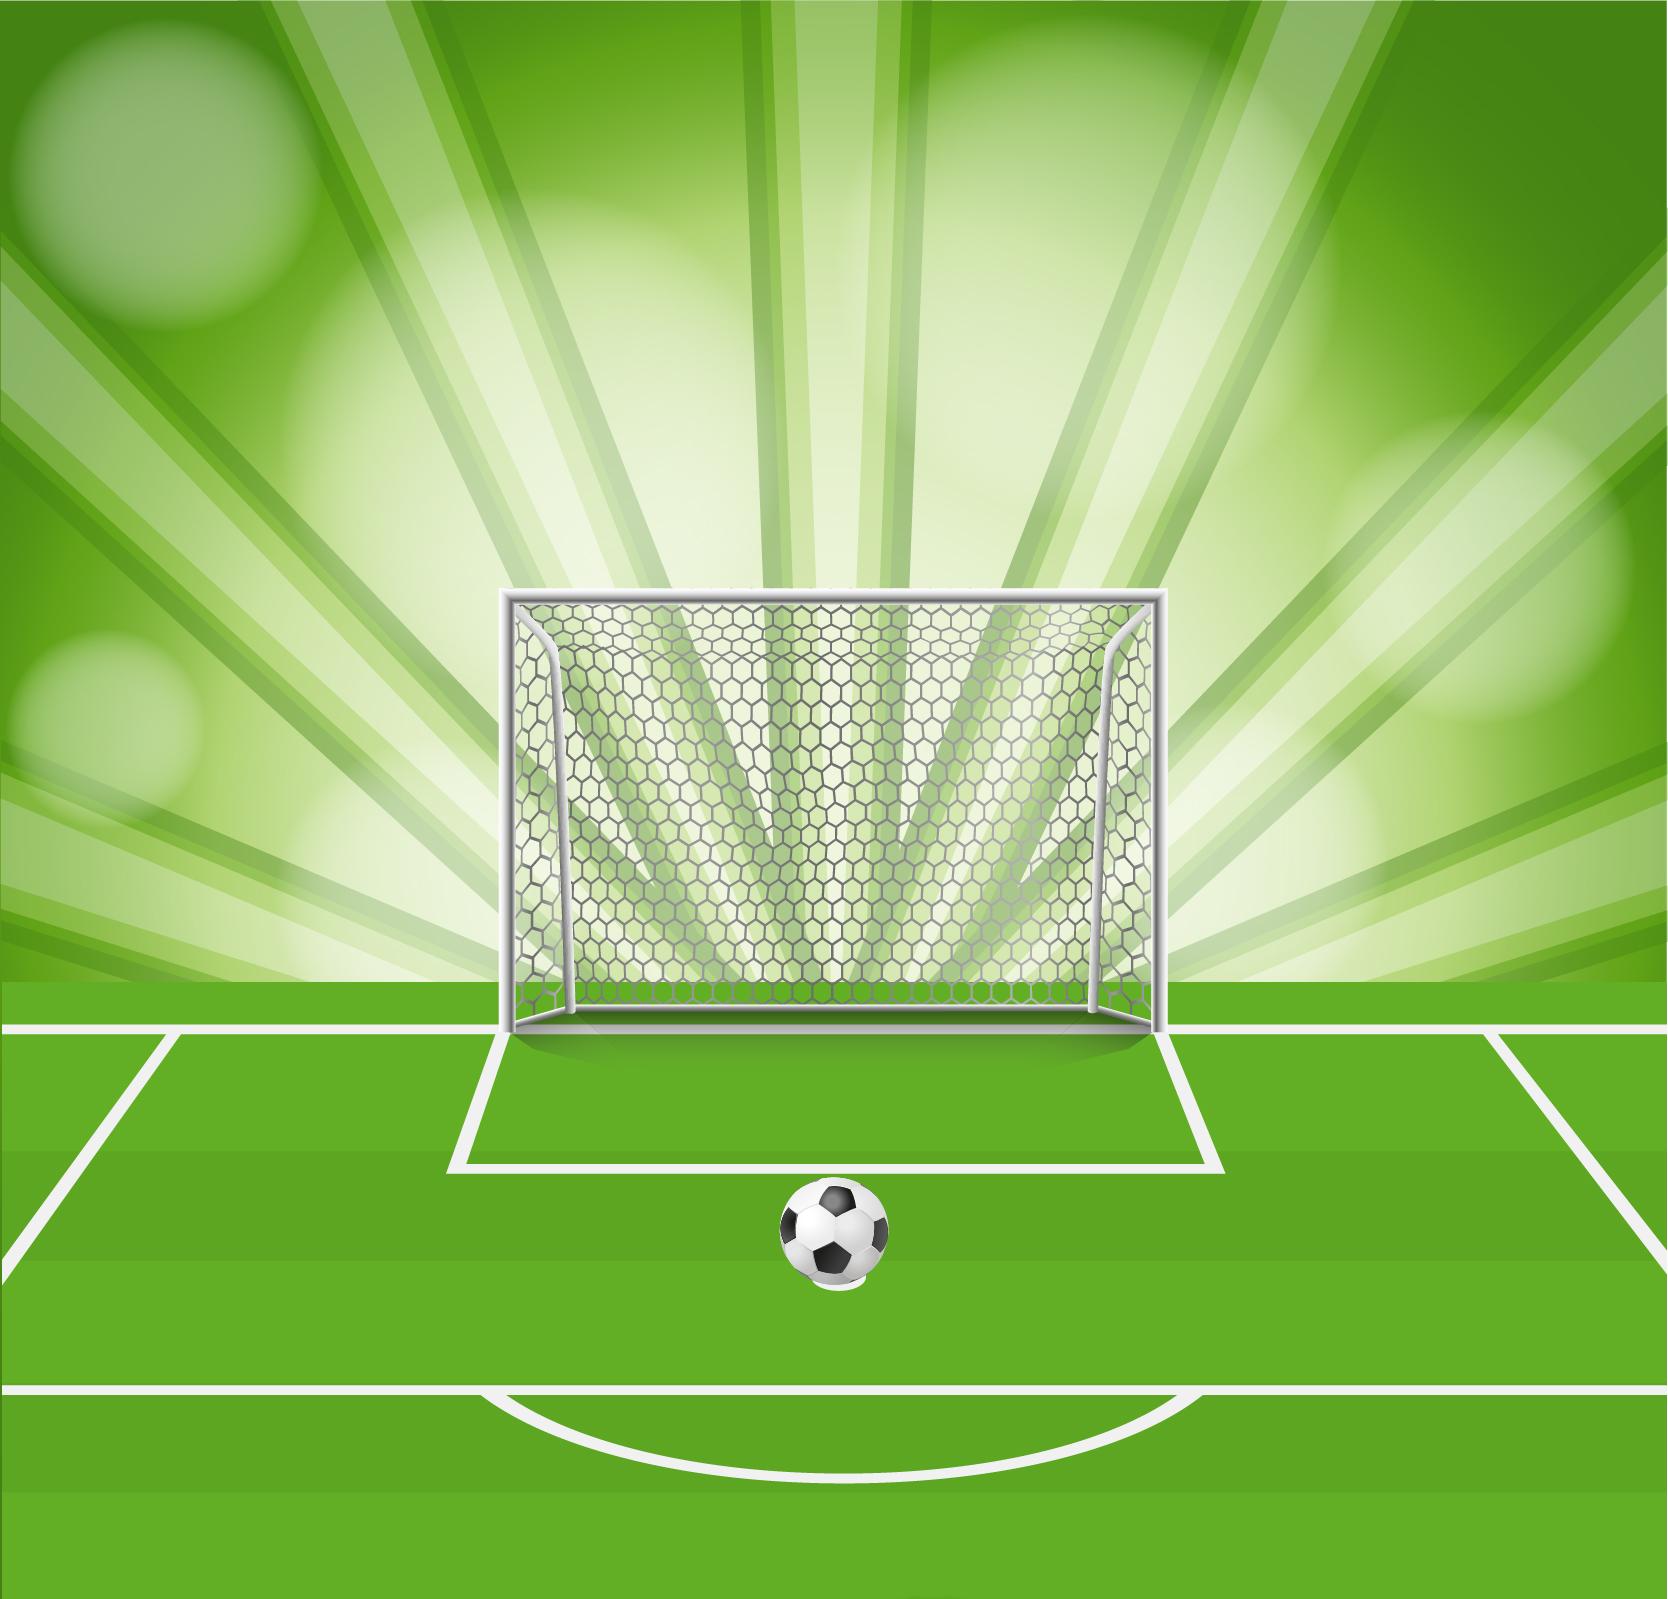 Stadium Lights Svg: Stadium Illustrations, Vector Illustrations